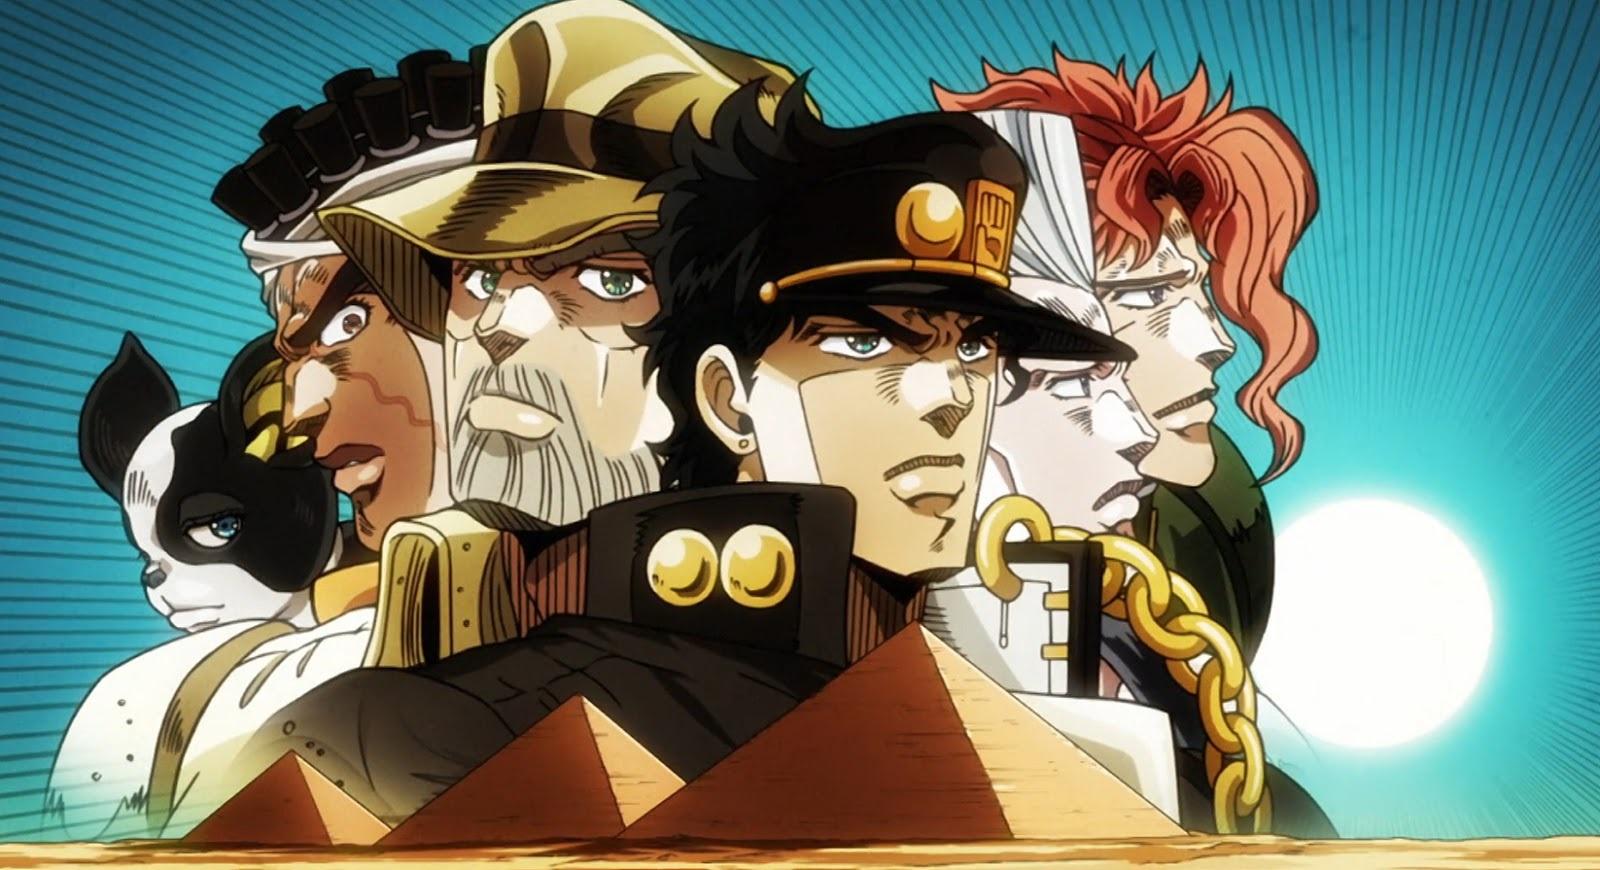 JoJo's Bizarre Adventure | Anime entrará para o catálogo da Netflix